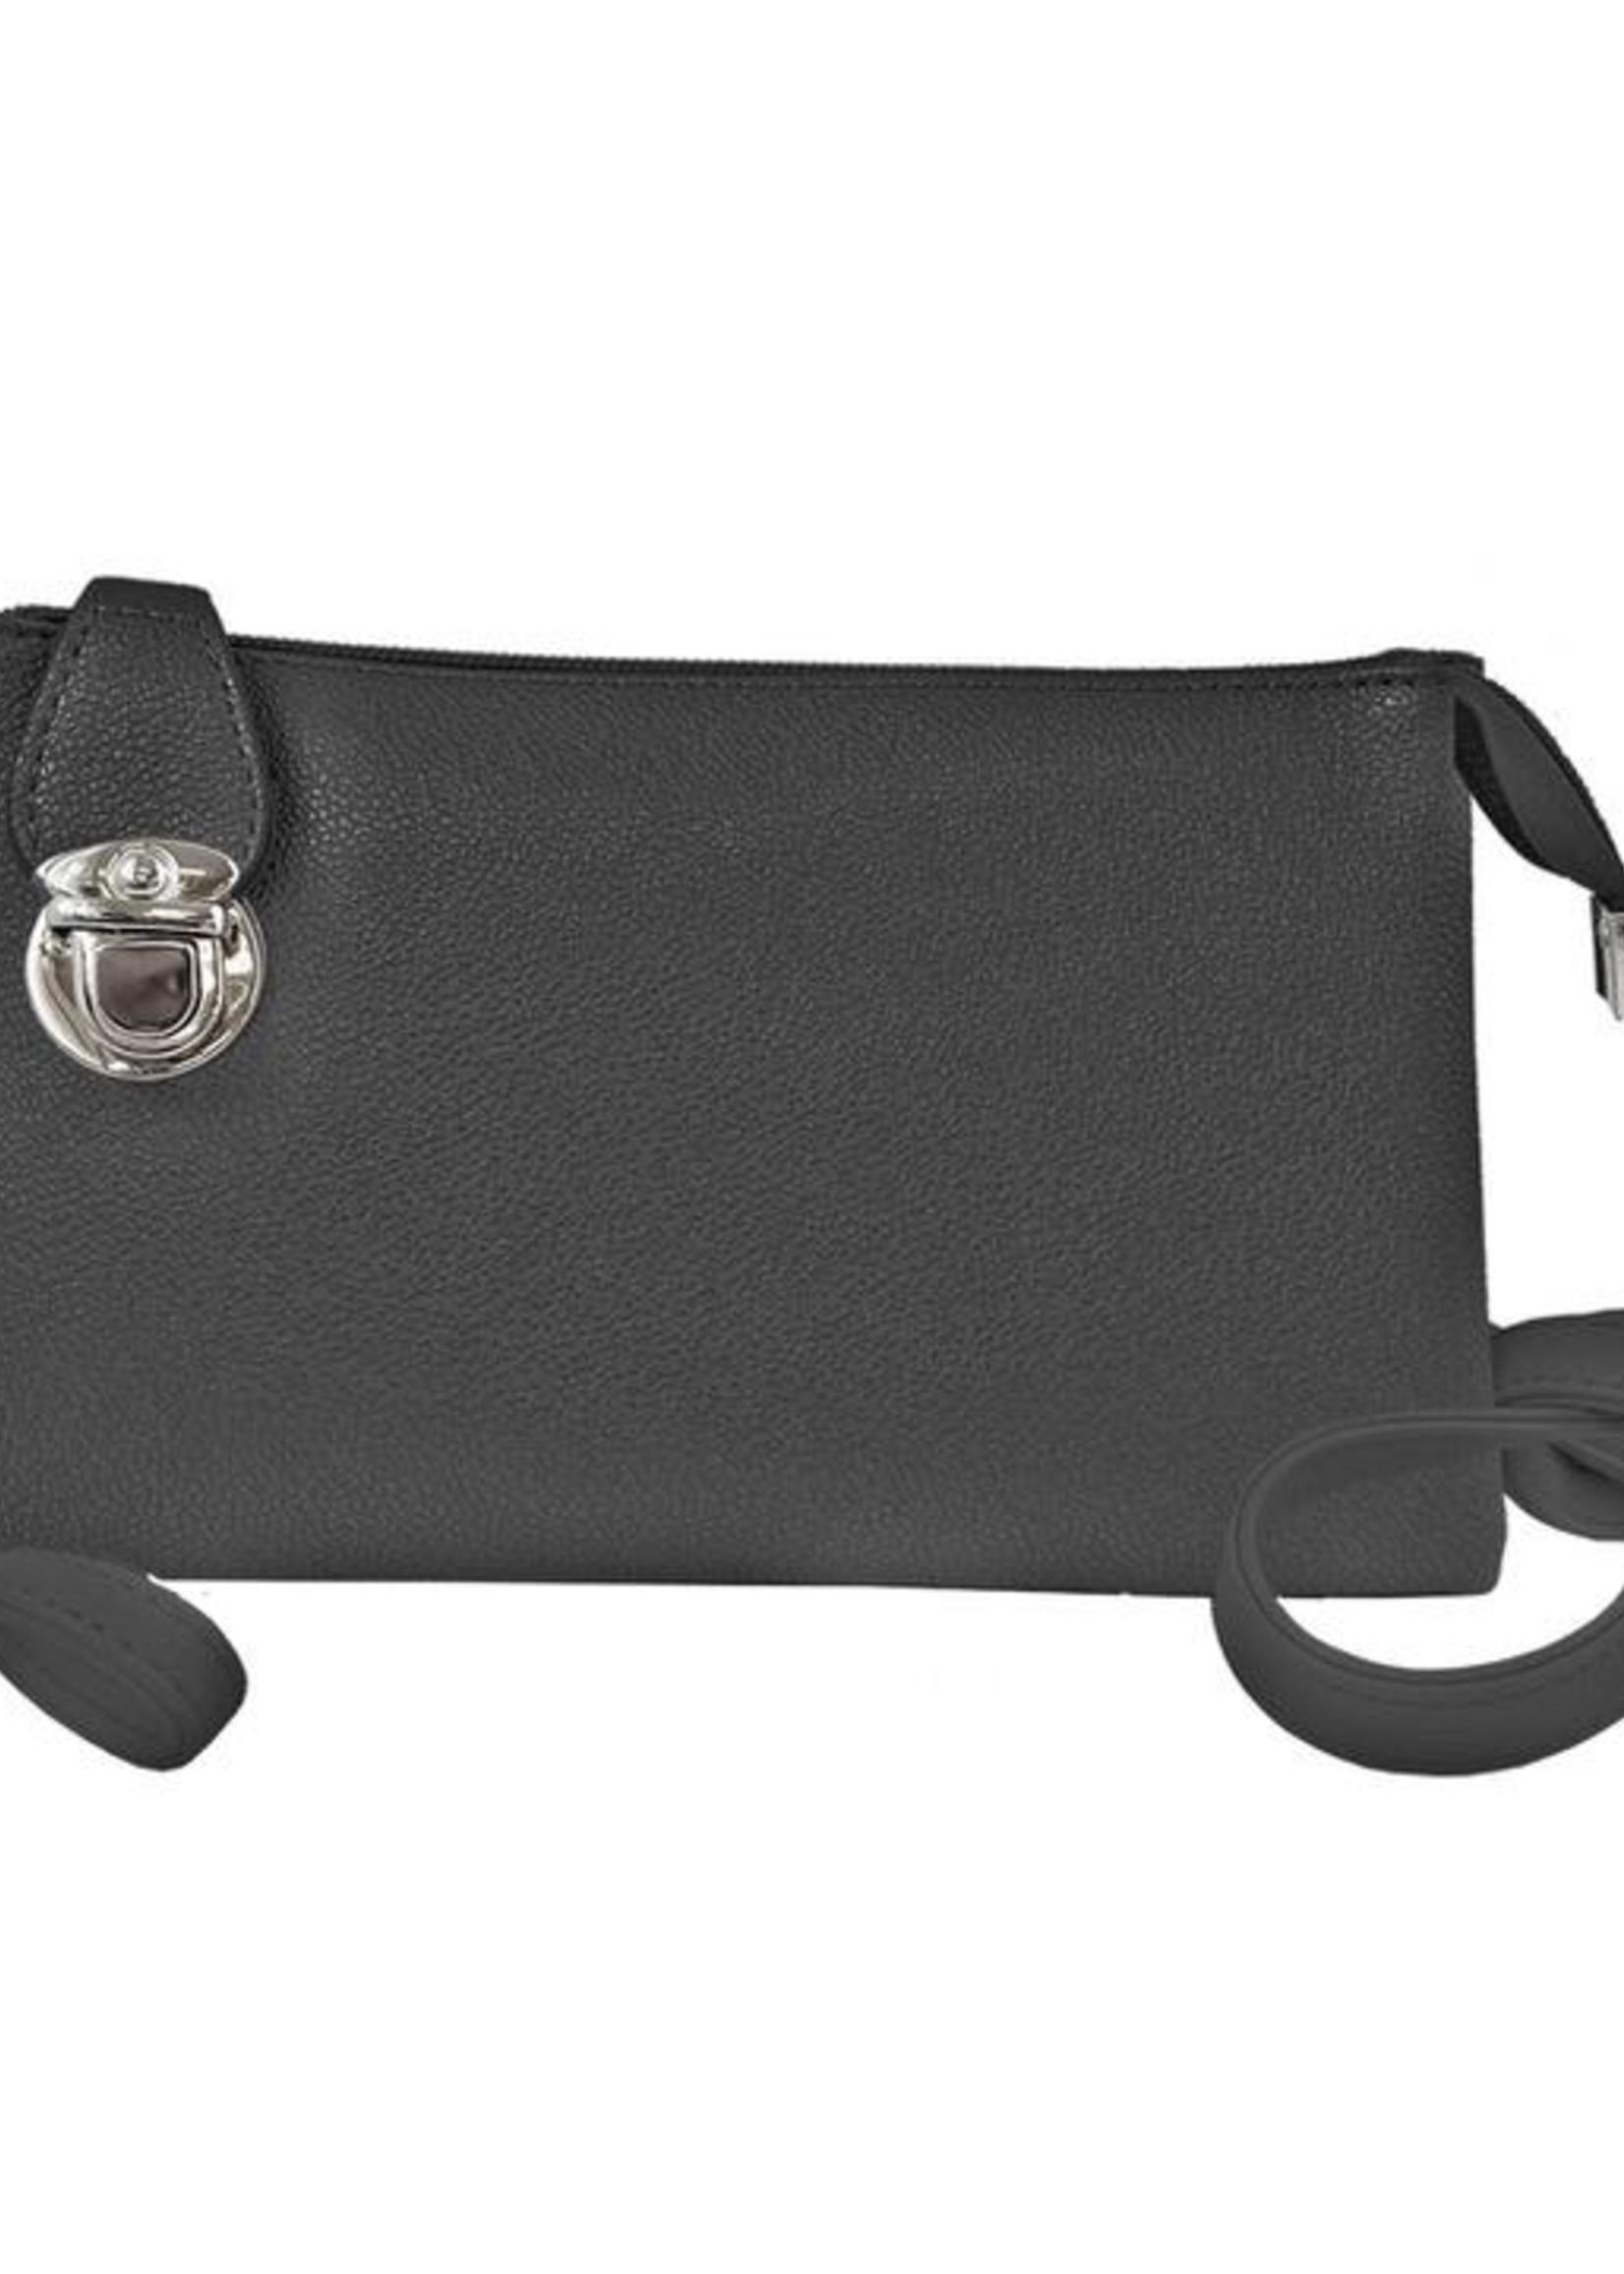 Caracol Caracol XBody Bag Multi Pocket Black